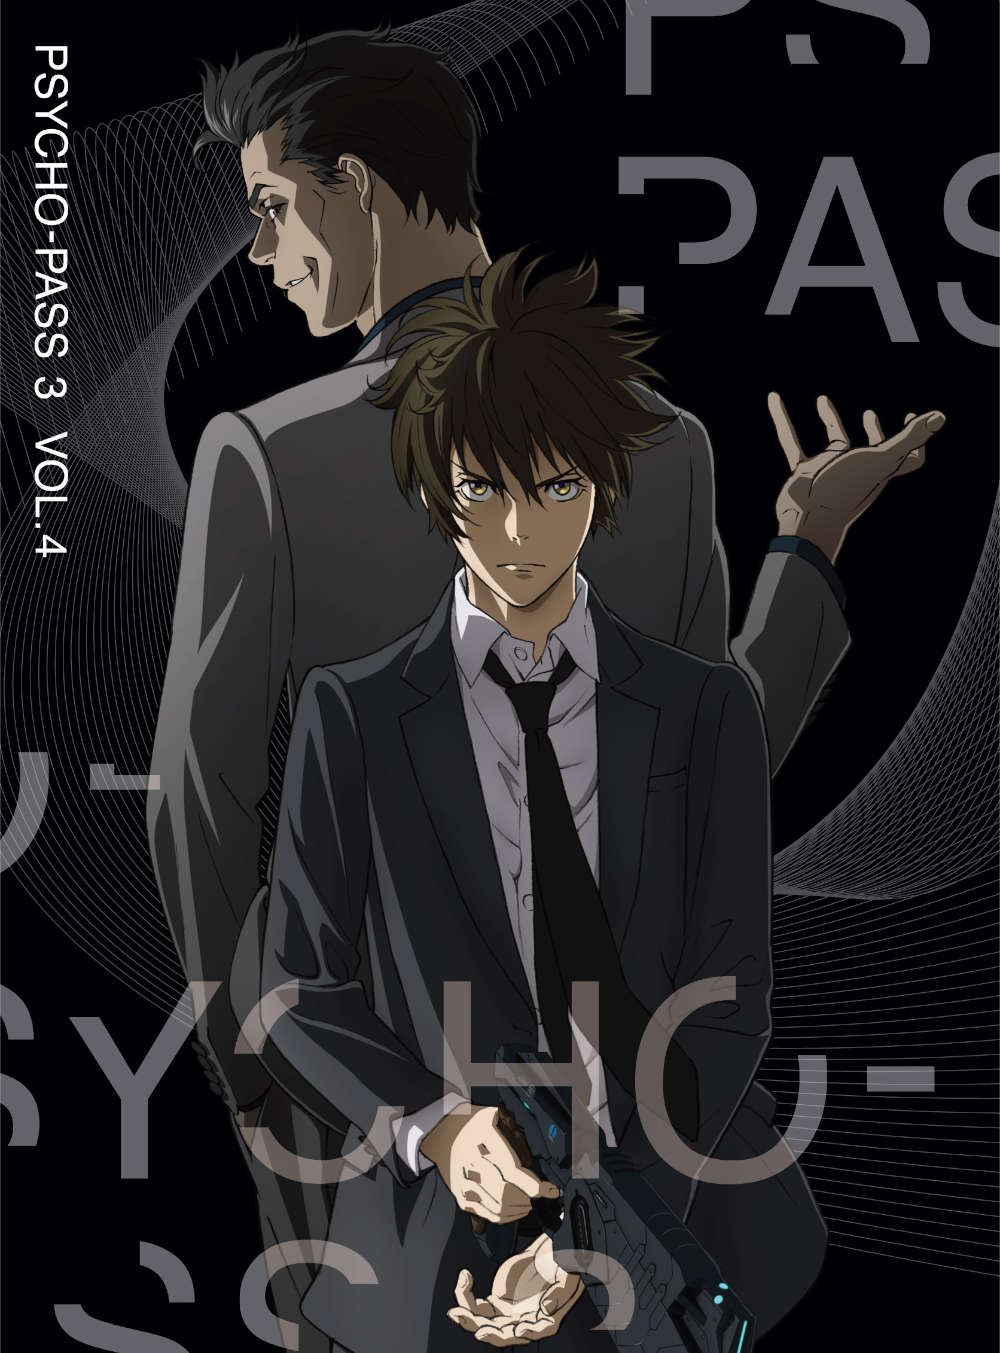 PSYCHO-PASS サイコパス 3 Vol.4 DVD 初回生産限定版